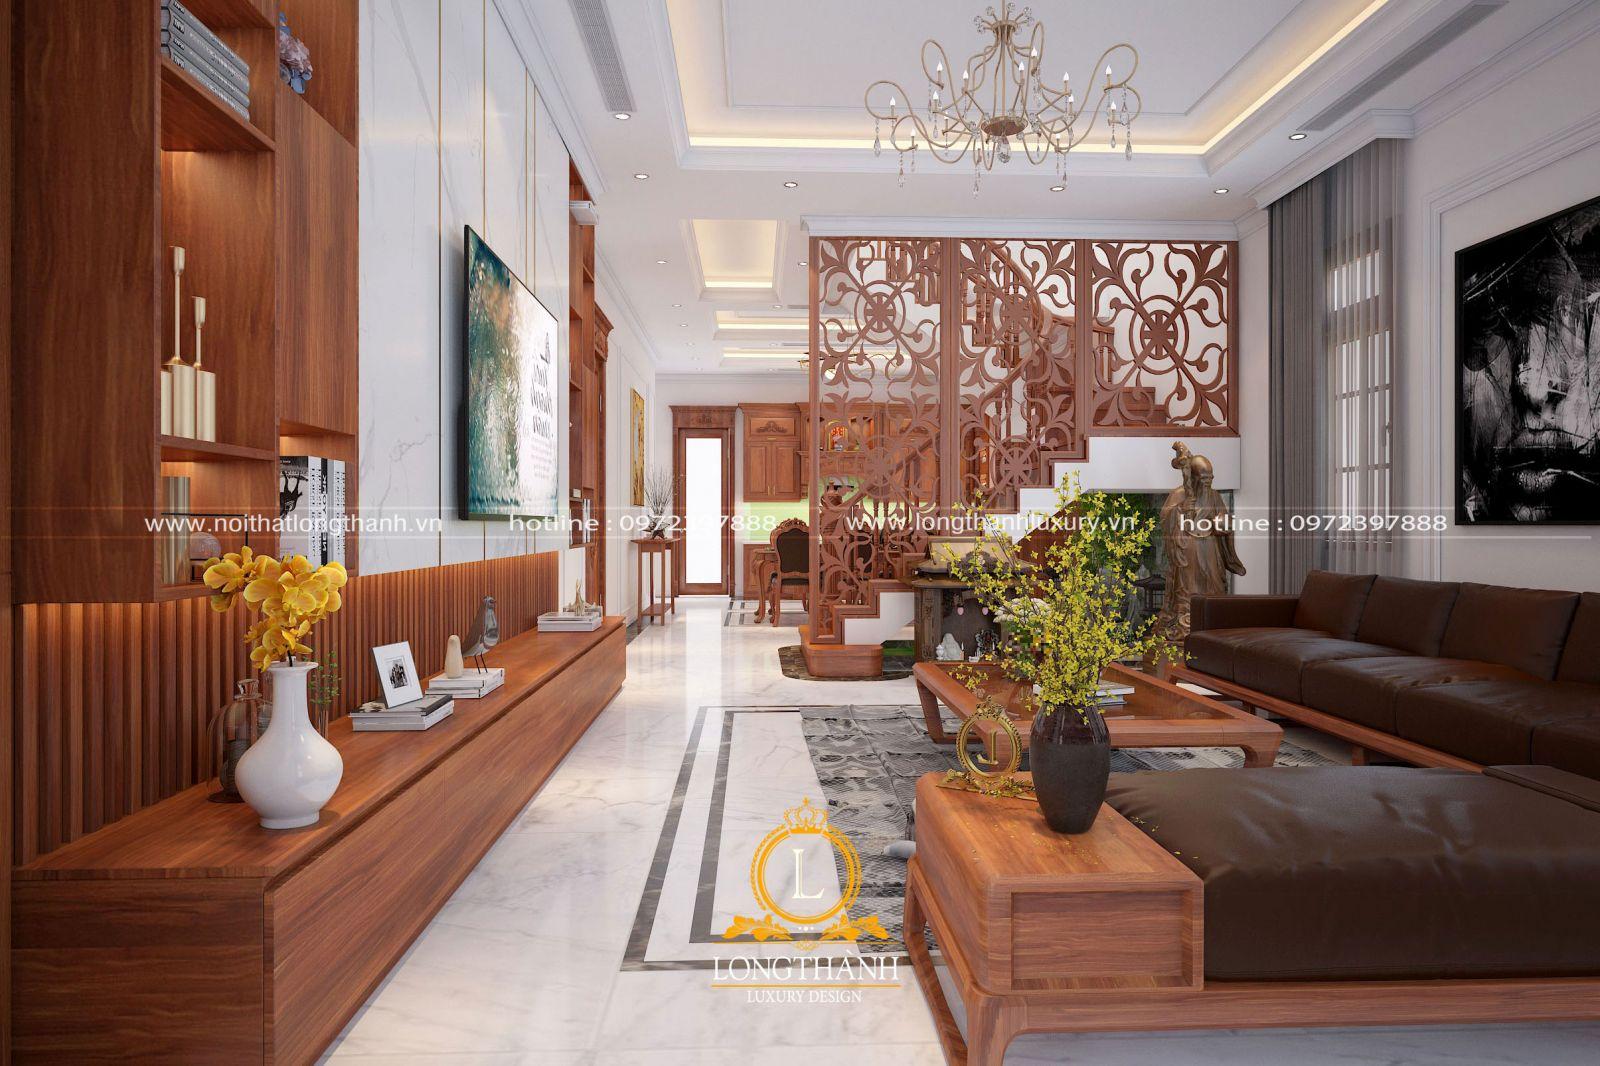 Thiết kế phòng khách biệt thự tân cổ điển theo hướng hiện đại